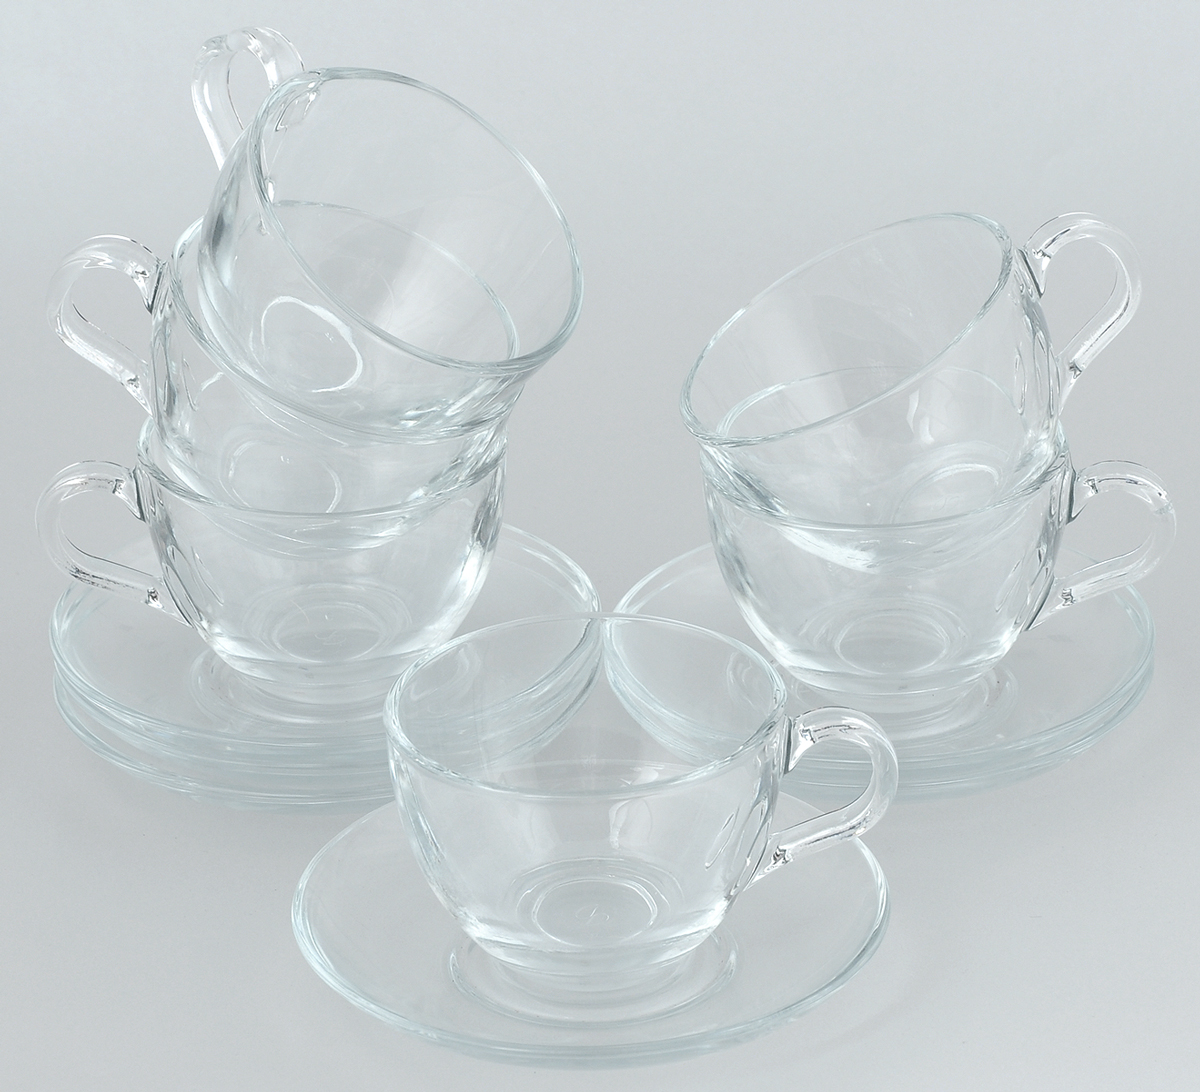 """Чайный набор Pasabahce """"Basic"""" состоит из шести чашек и шести блюдец. Предметы набора изготовлены из прочного натрий-кальций-силикатного стекла. Изящный чайный набор великолепно украсит стол к чаепитию и порадует вас и ваших гостей ярким дизайном и качеством исполнения.Объем чашки: 215 мл.Высота чашки: 6,5 см.Диаметр чашки: 9 см.Диаметр блюдца: 13,5 см."""